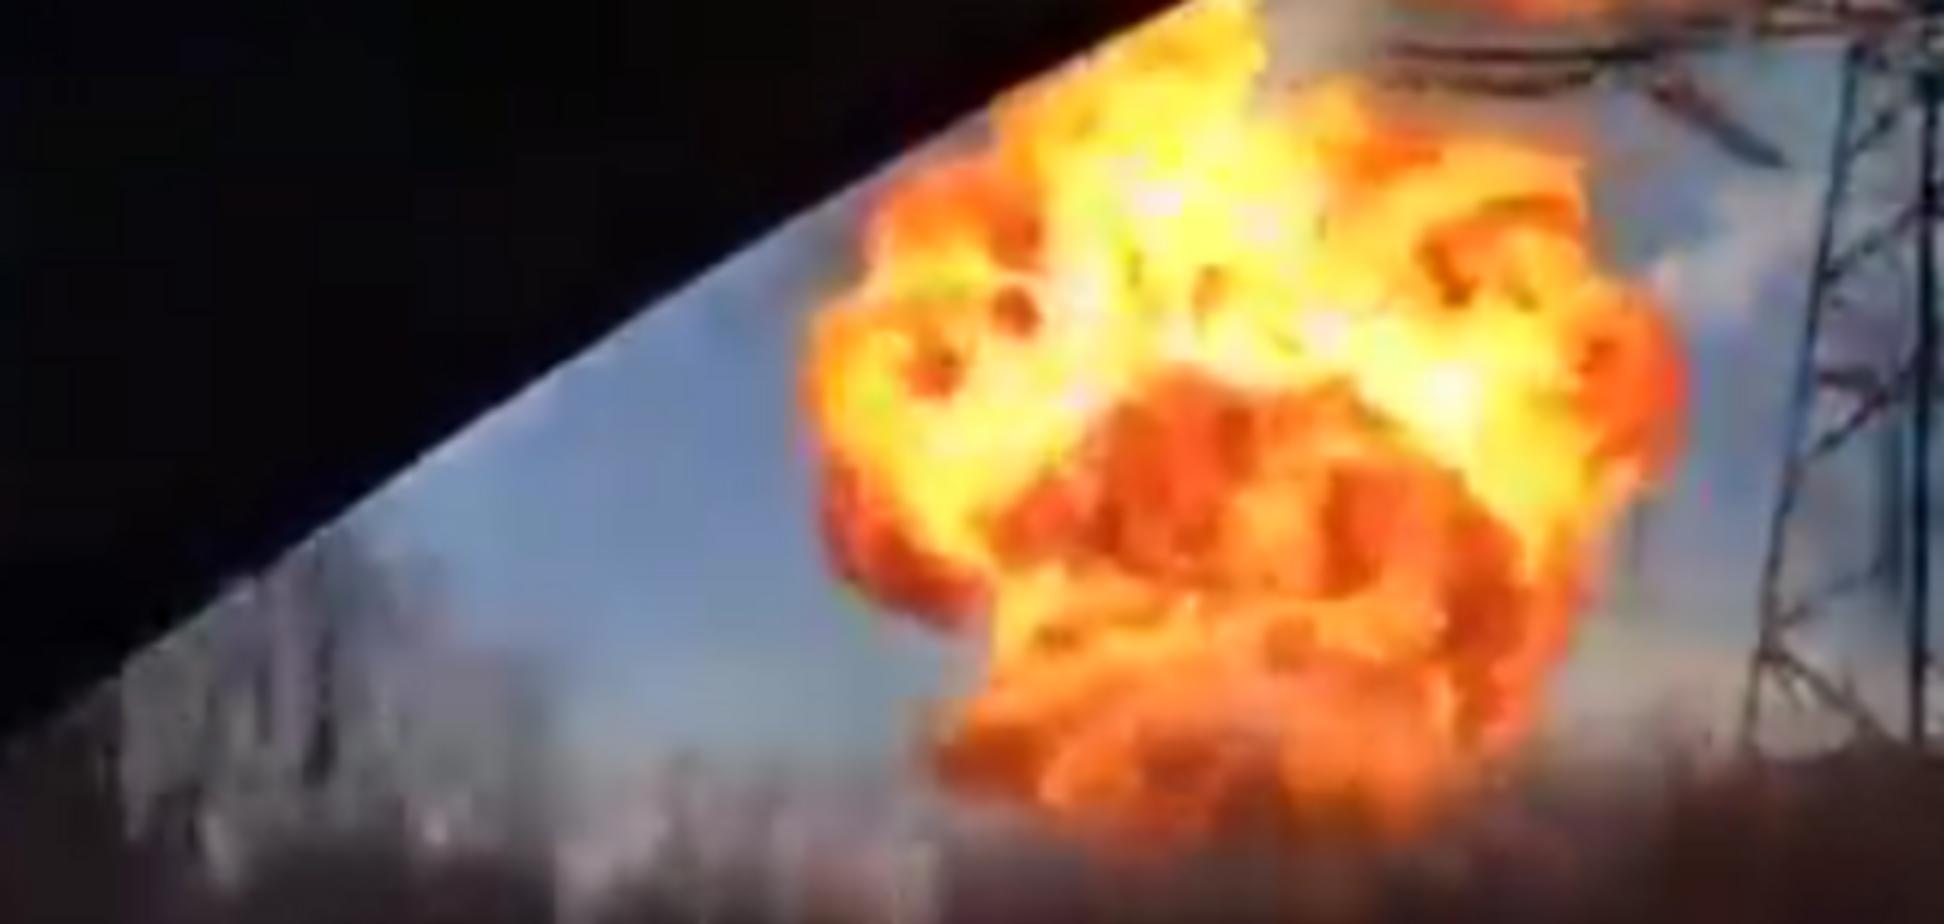 Под Дебальцево снаряд попал в газопровод, вырвался столб мощного пламени: видеофакт